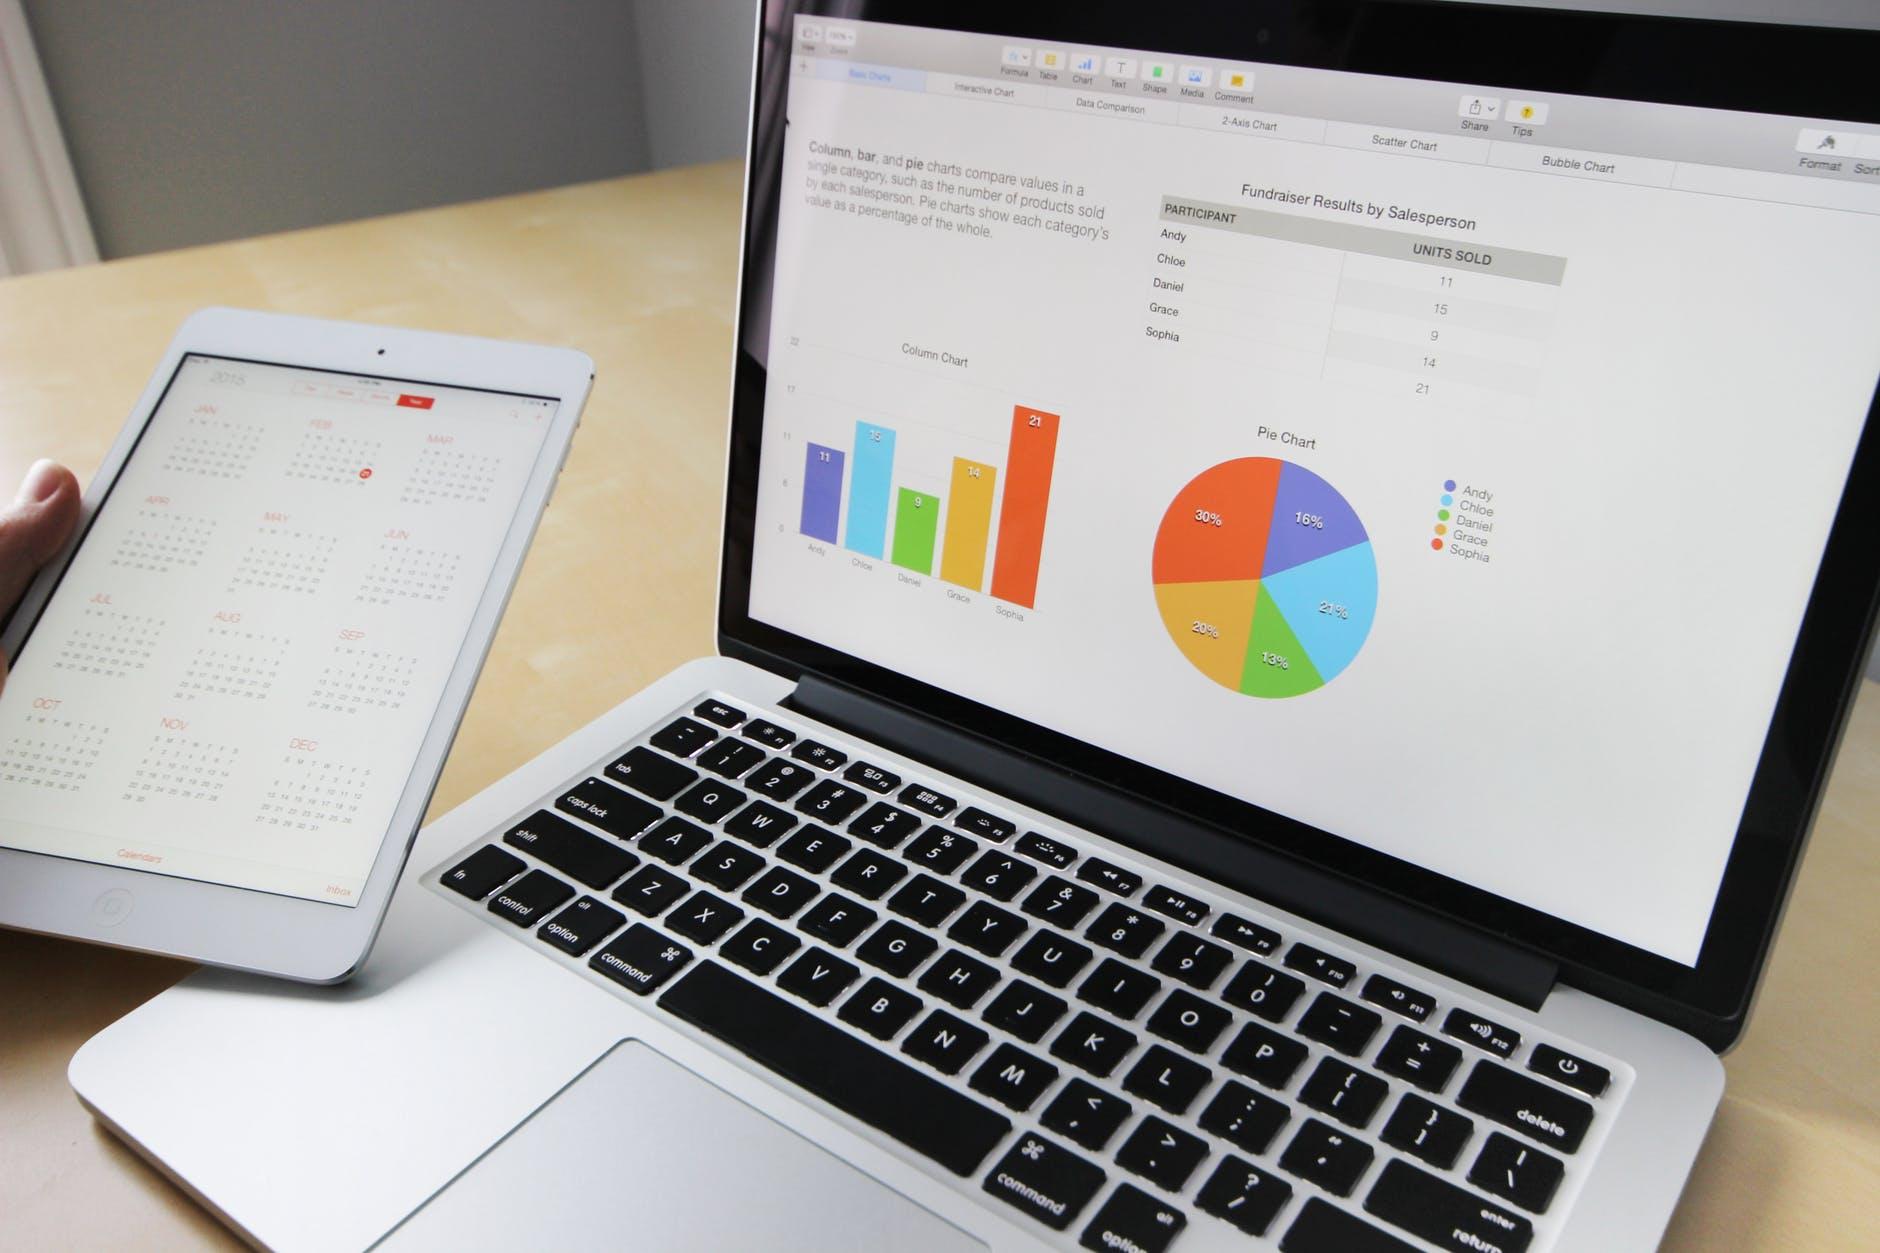 Accompagner au mieux les petites entreprises dans leur démarche de numérisation